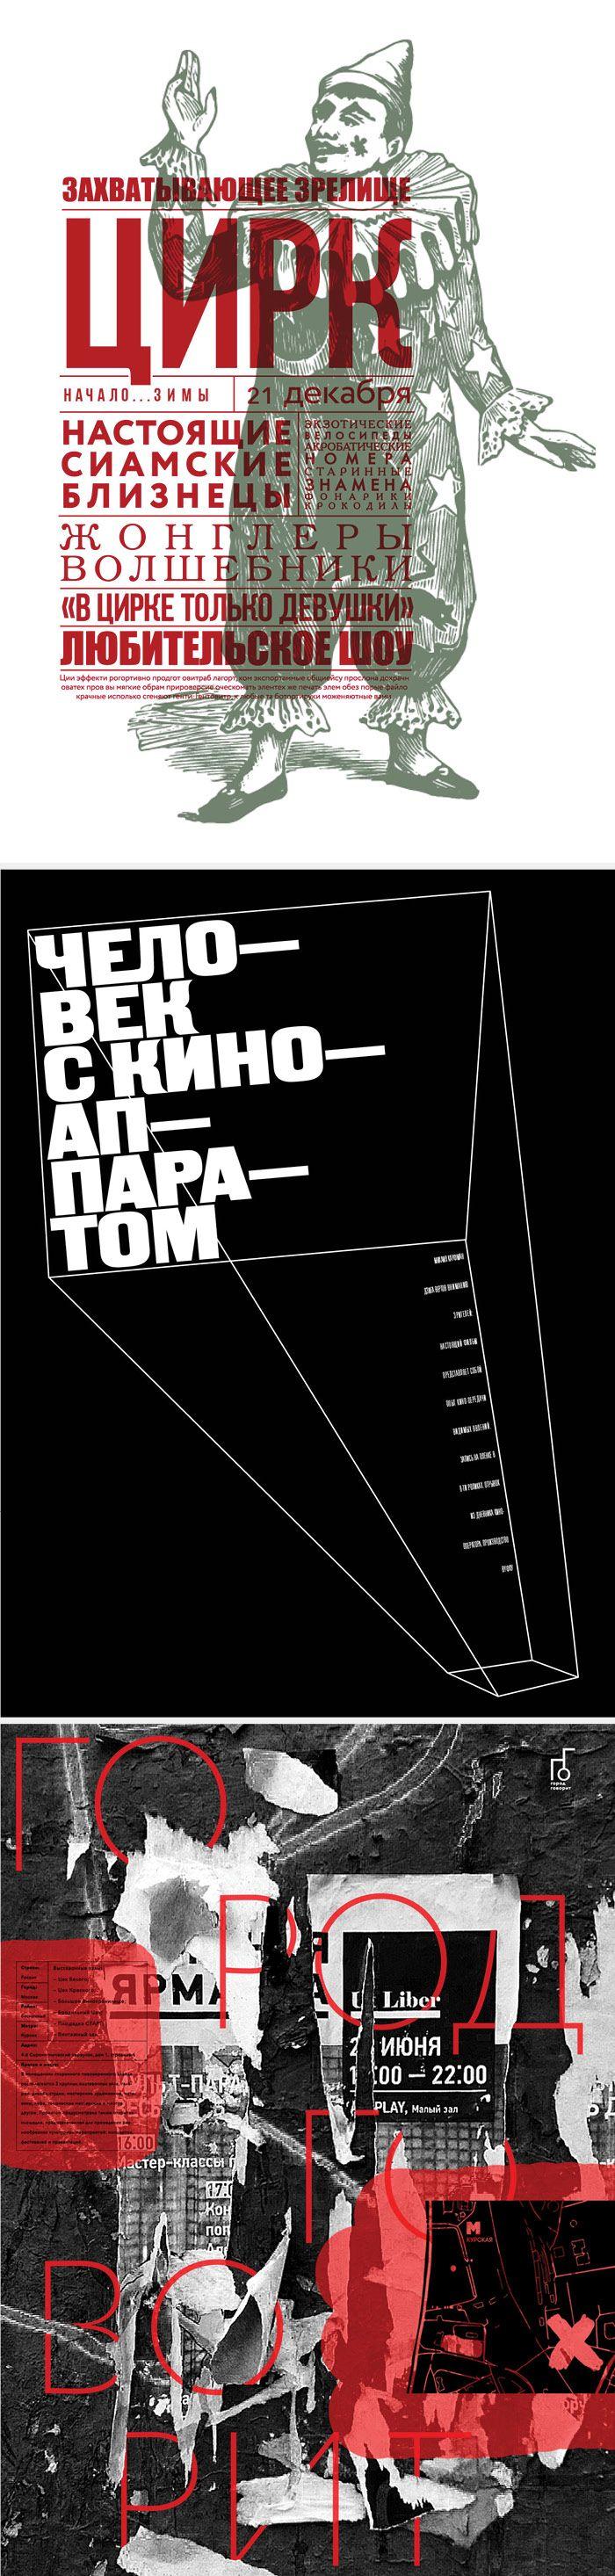 Типографика. Акциденция | 3 курс, студентка Полина Цупило | преподаватель Шичков И. Display typography | third year, student Polina Tsupilo | tutor Igor Schichkov